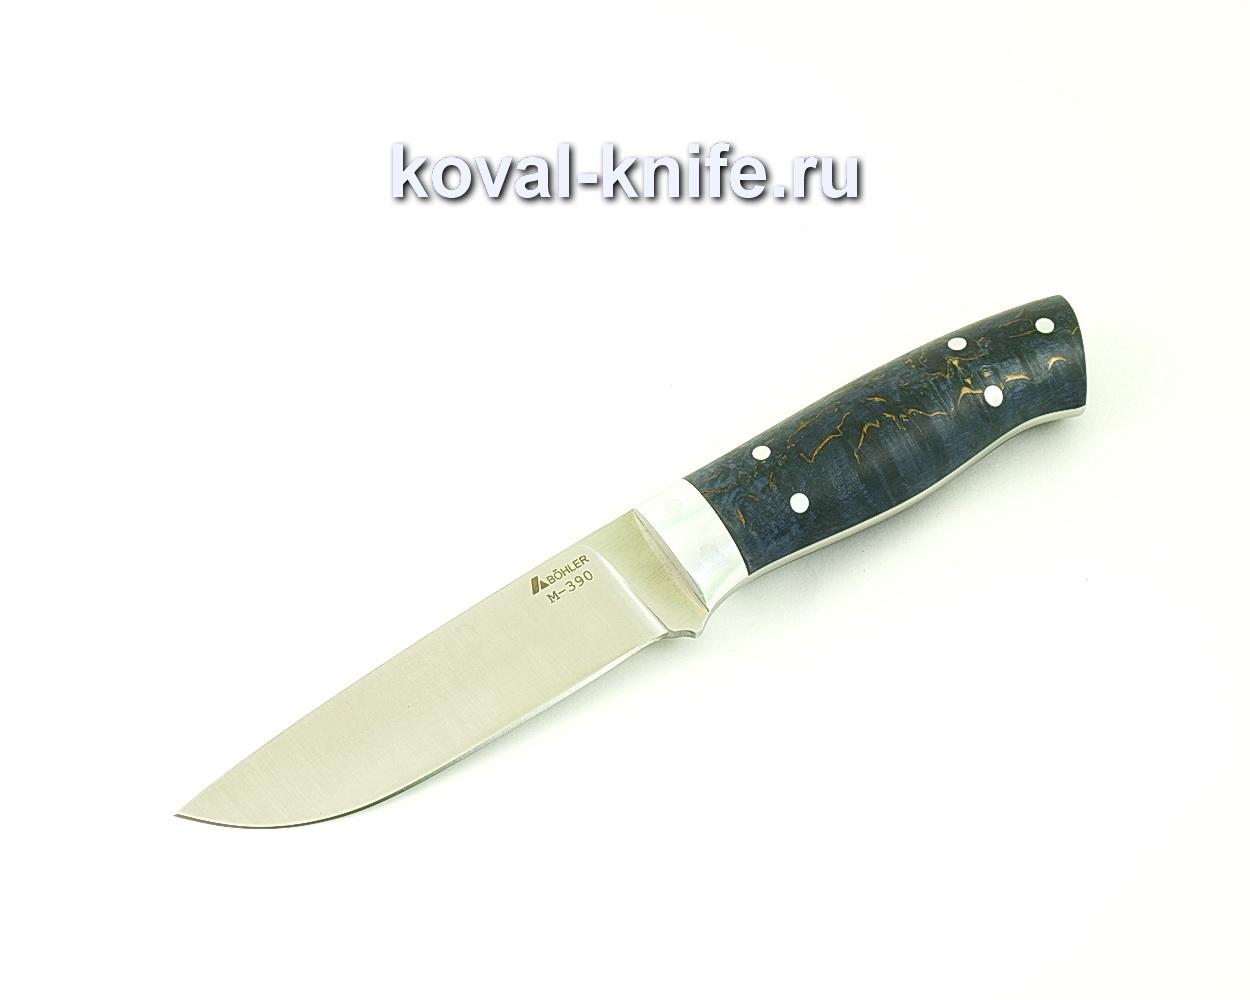 Нож цельнометаллический из порошковой стали М390 Белка (рукоять стабилизированная карельская береза) A512